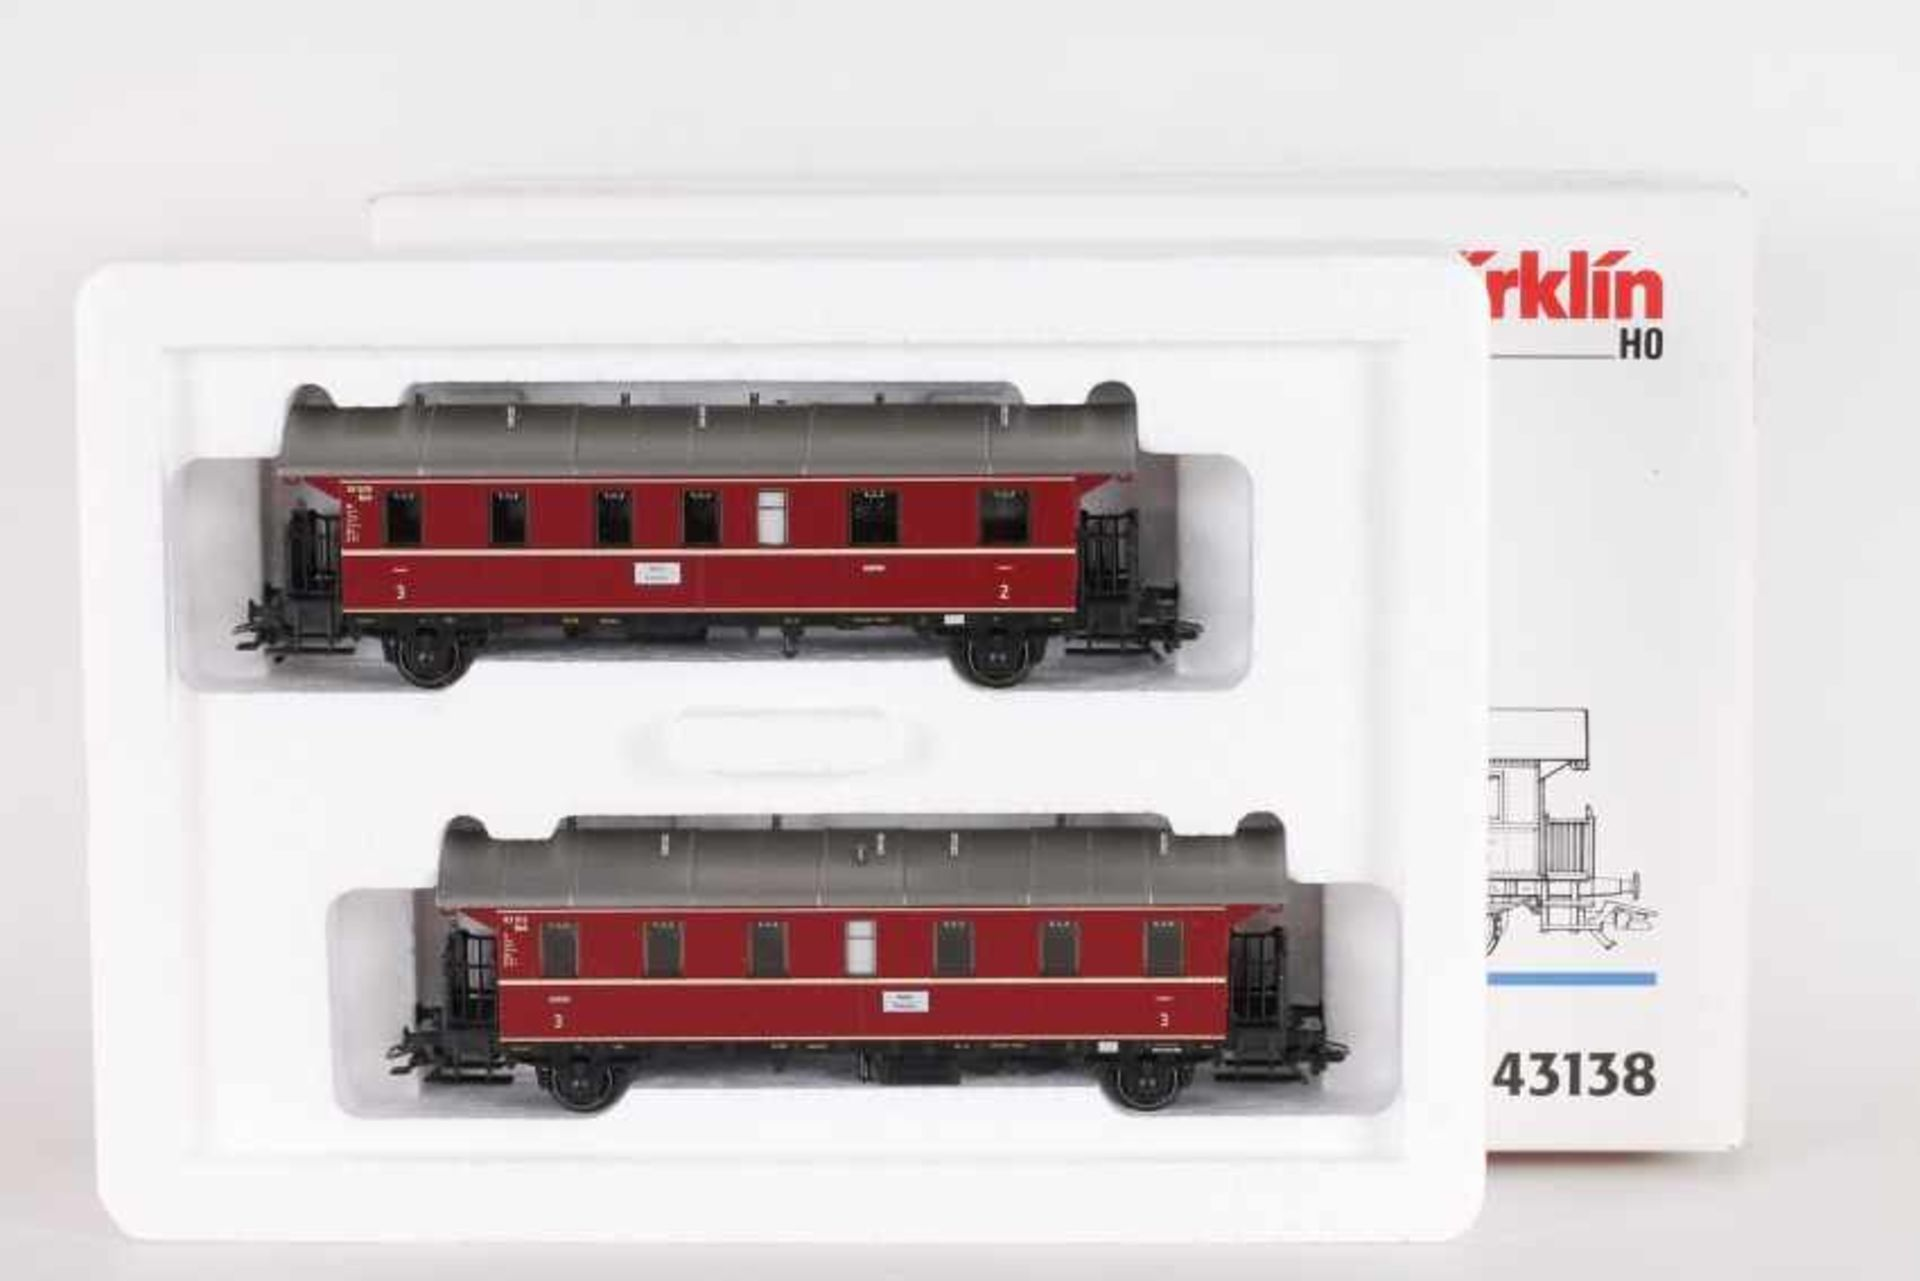 """Los 1003 - Märklin 43138, Wagen-Set """"Donnerbüchsen""""Märklin 43138, Wagen-Set """"Donnerbüchsen"""", zwei rote Wagen,"""